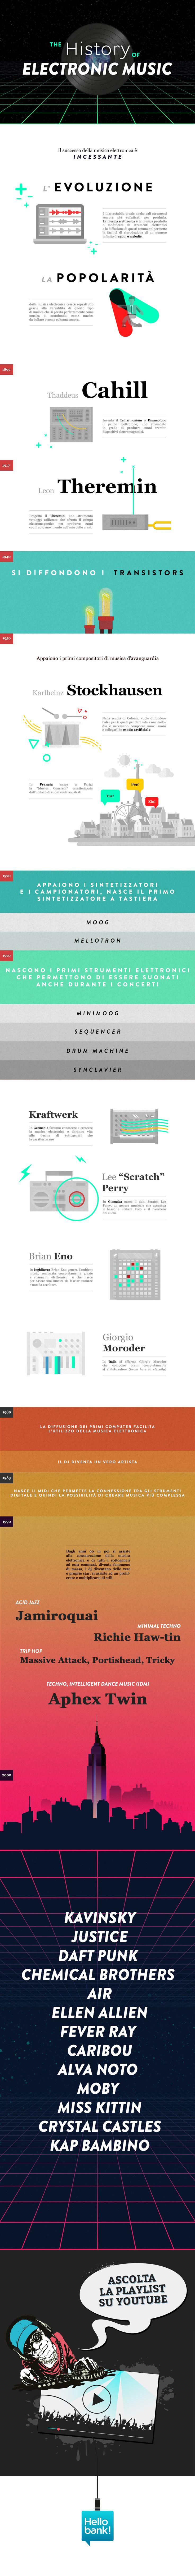 La storia della musica elettronica in un'infografica. Dal visionario Stockhausen ai Massive Attack, passando dai pioneristici Kraftwerk